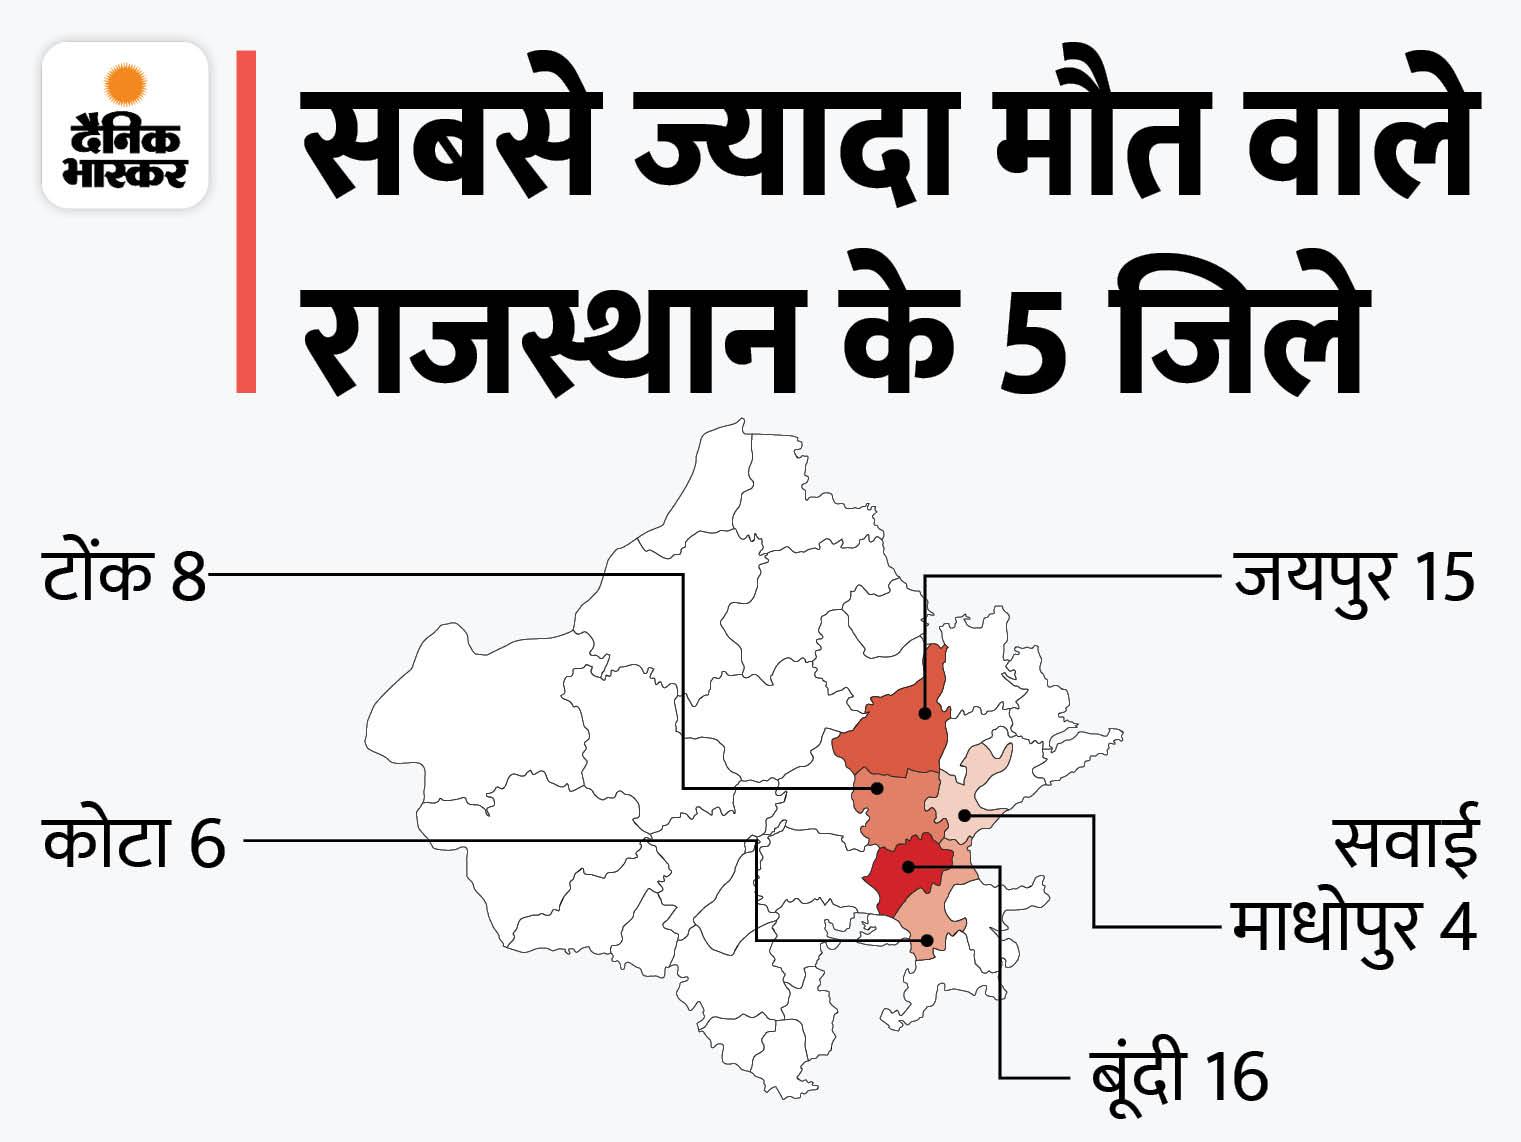 बूंदी में सबसे ज्यादा 16 और जयपुर में 15 लोगों ने दम तोड़ा;बिजली गिरने, बाढ़ में बहने और दीवार गिरने से गई हैं जानें|राजस्थान,Rajasthan - Dainik Bhaskar